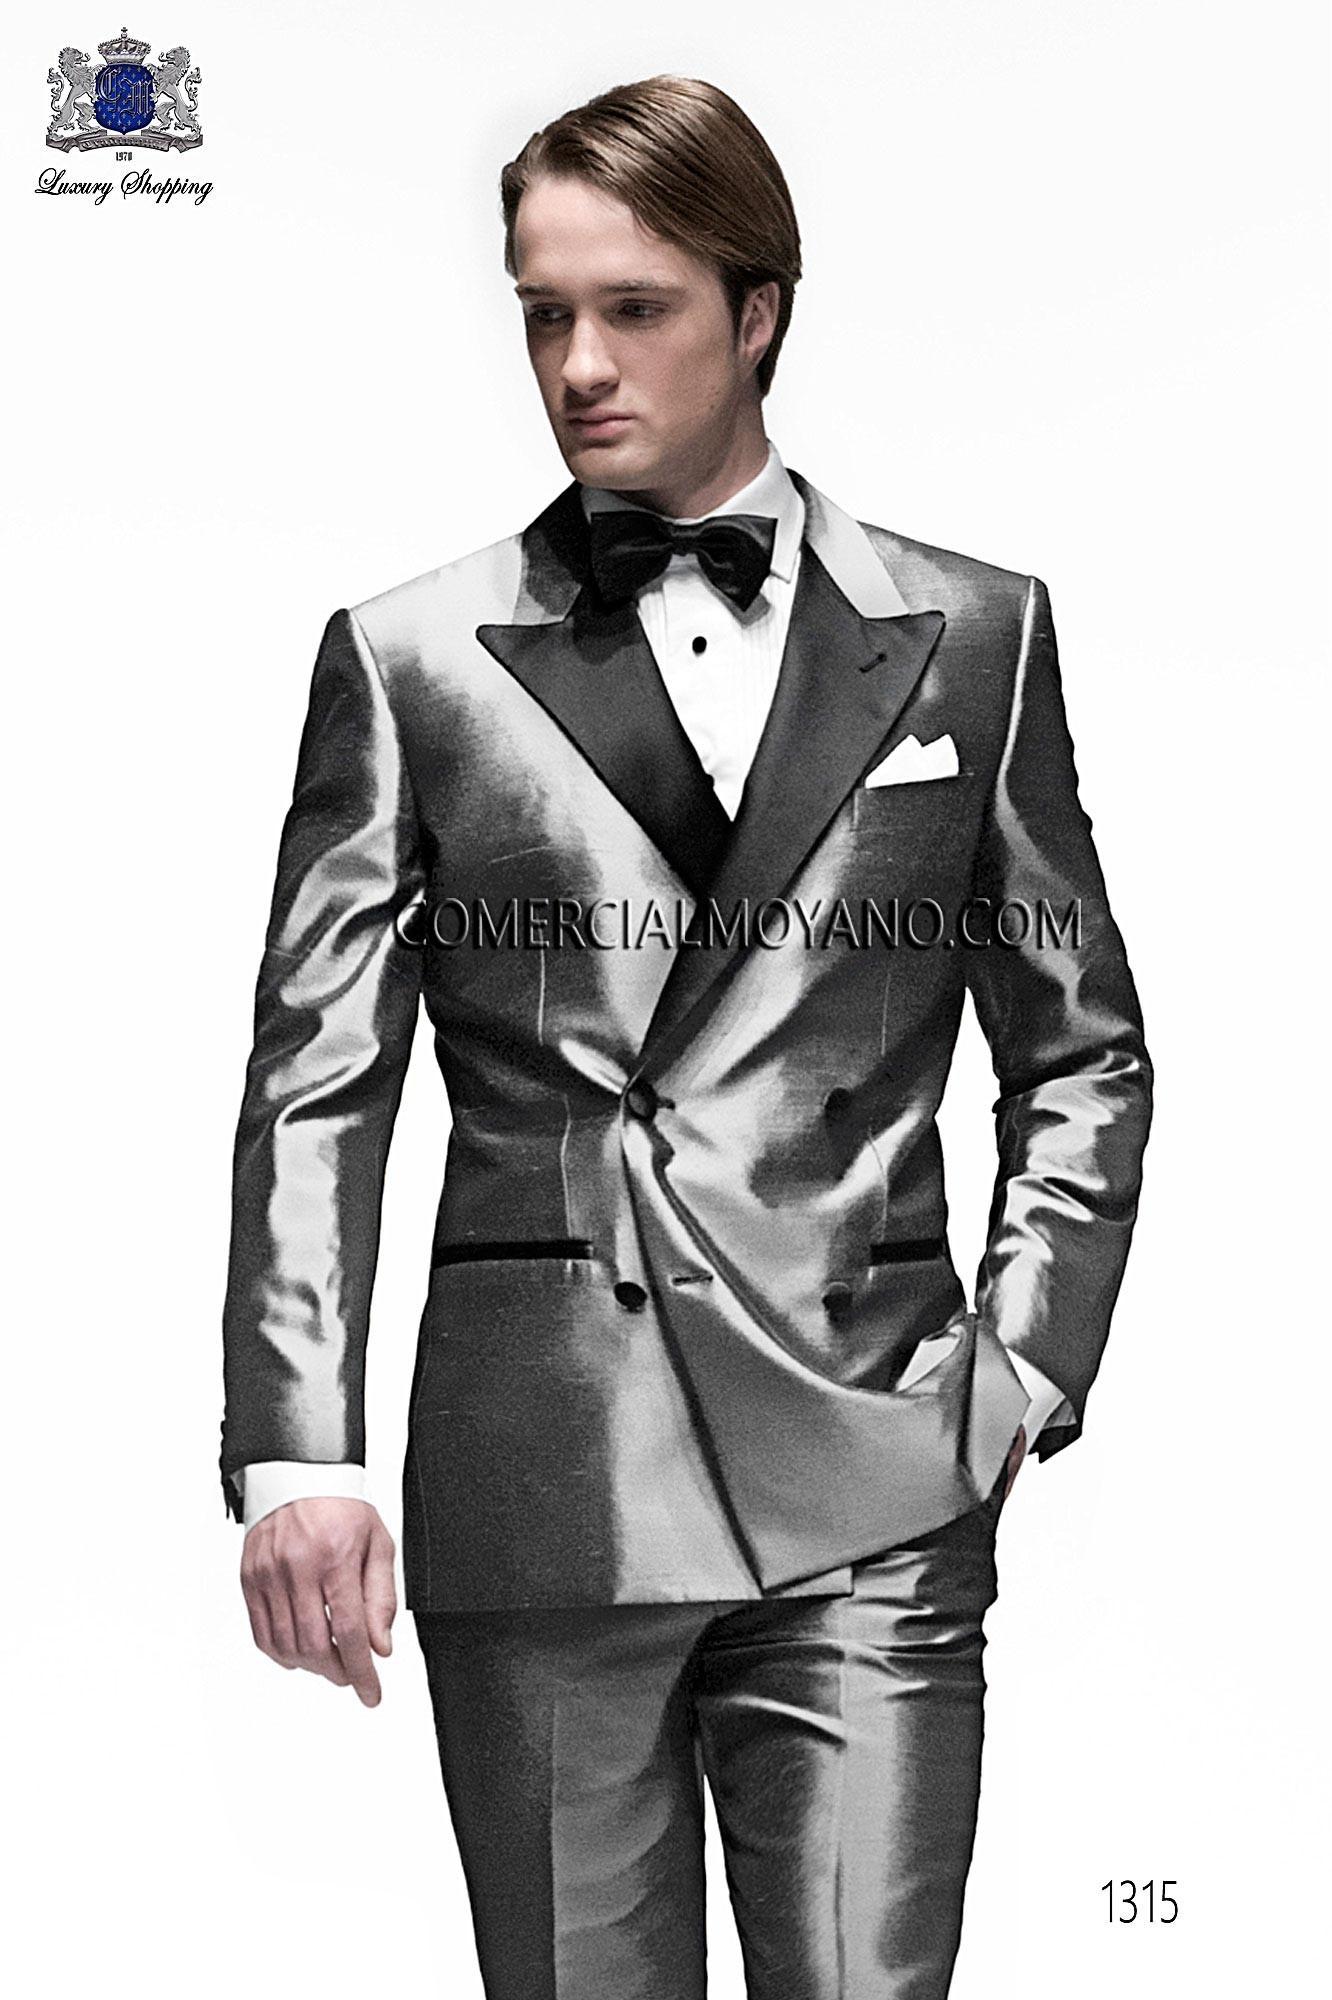 Traje BlackTie de novio gris modelo: 1315 Ottavio Nuccio Gala colección Black Tie